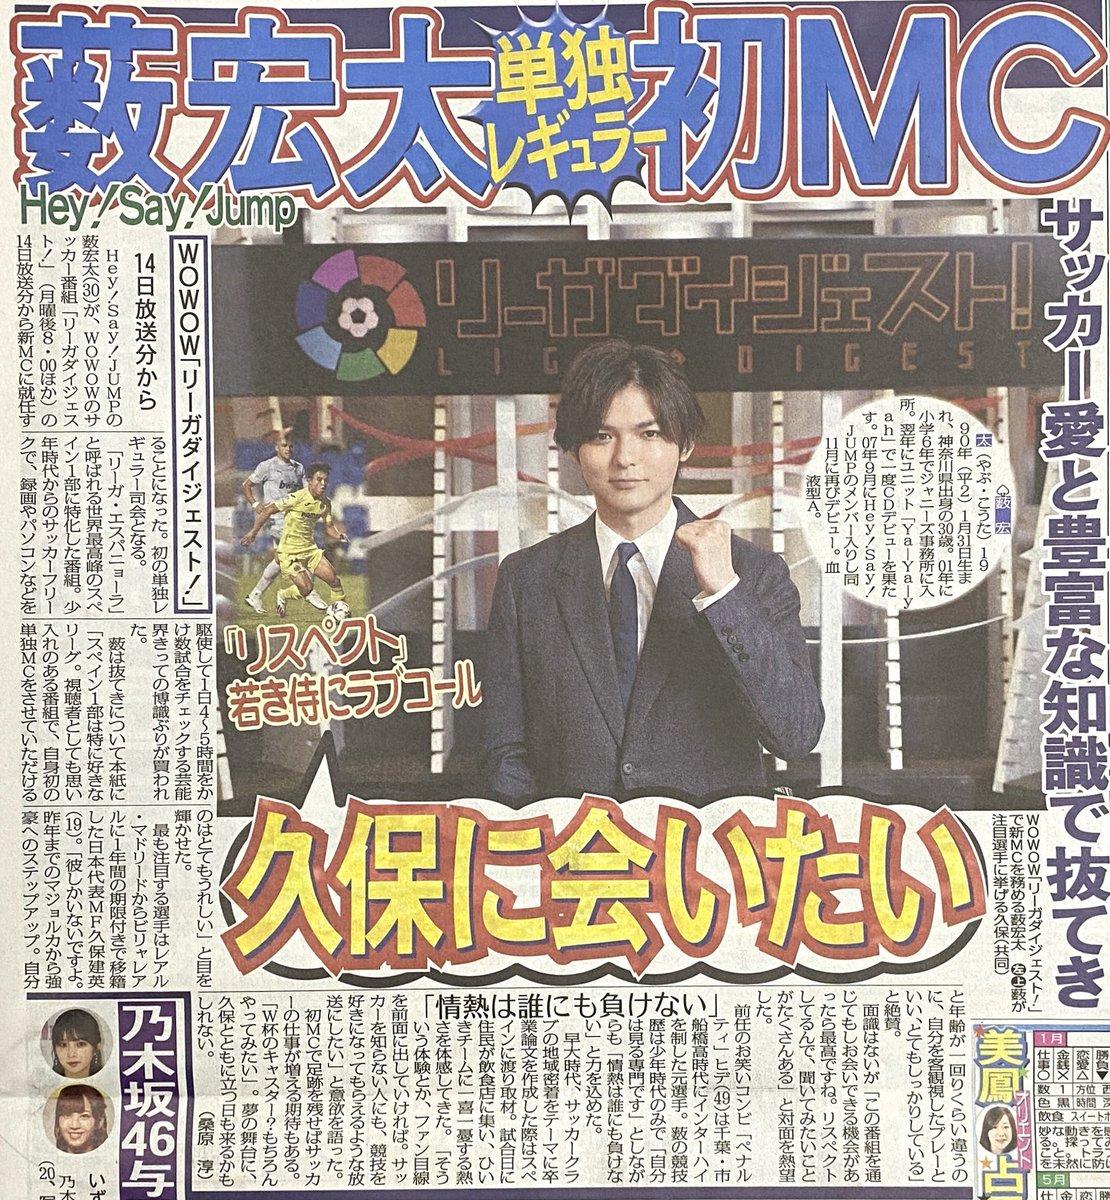 【スポニチ】 Hey! Say! JUMPの薮宏太が、WOWOWのサッカー番組「リーガダイジェスト